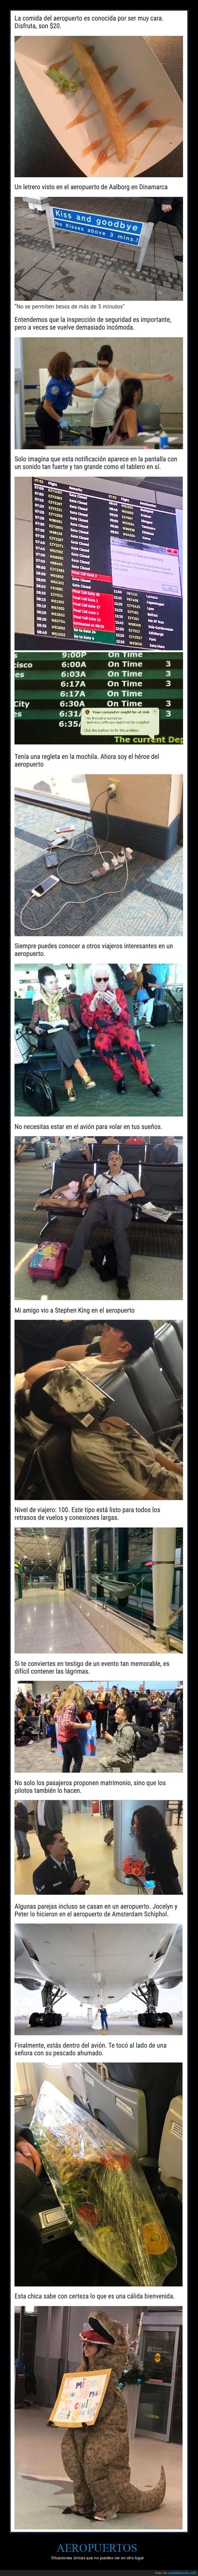 aeropuertos,situaciones,wtf